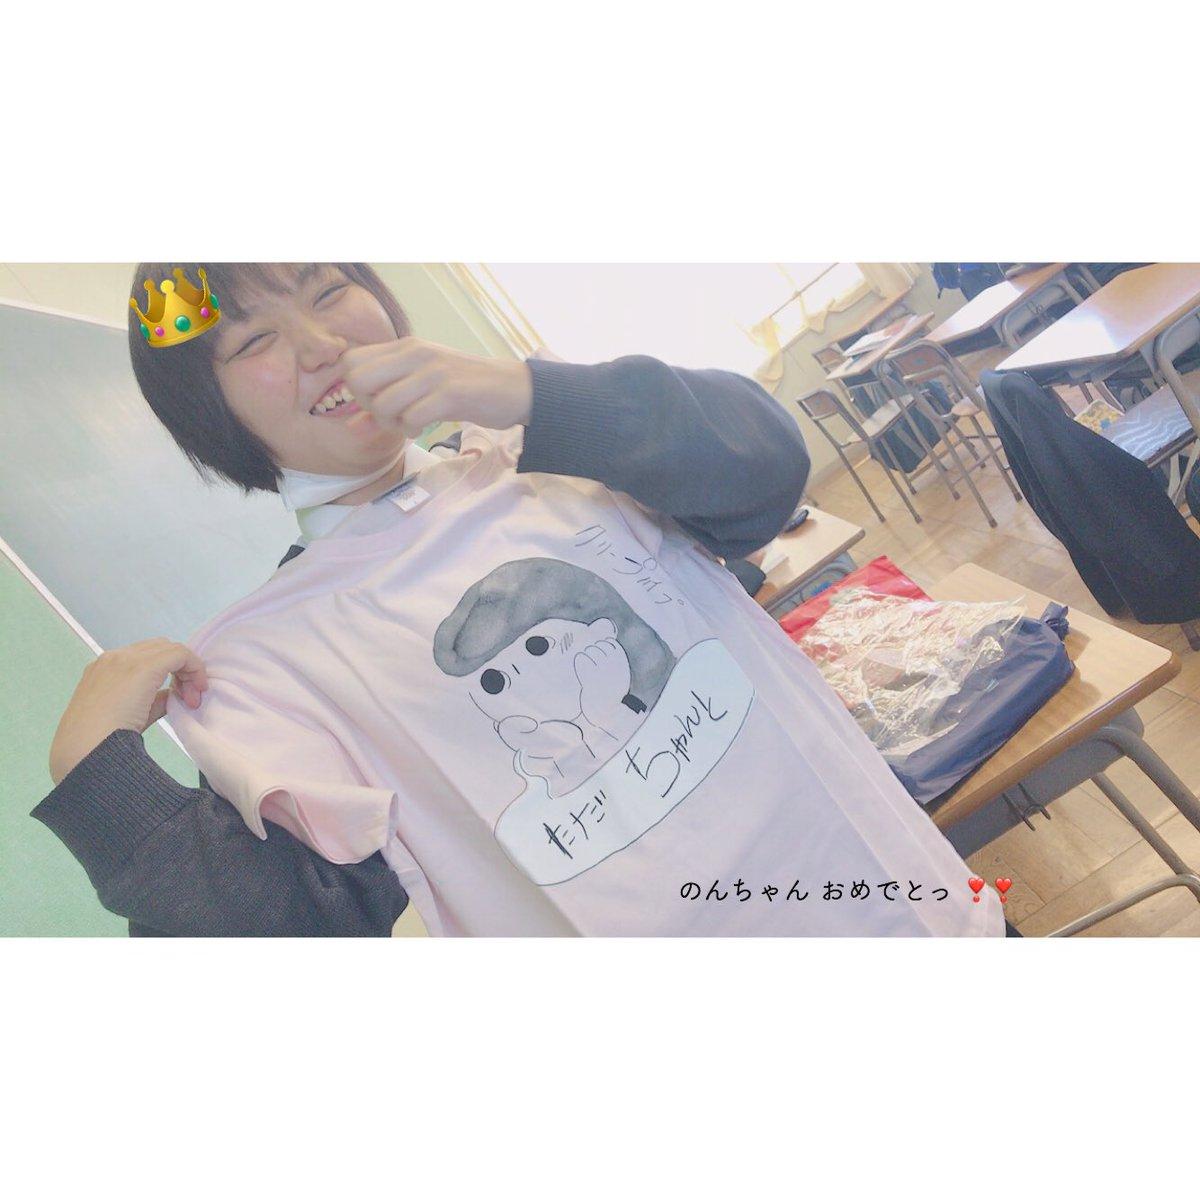 おかのん喜んでた 〜〜 . クリープtシャツあげれてよかったです◎ スッキ〜〜〜...